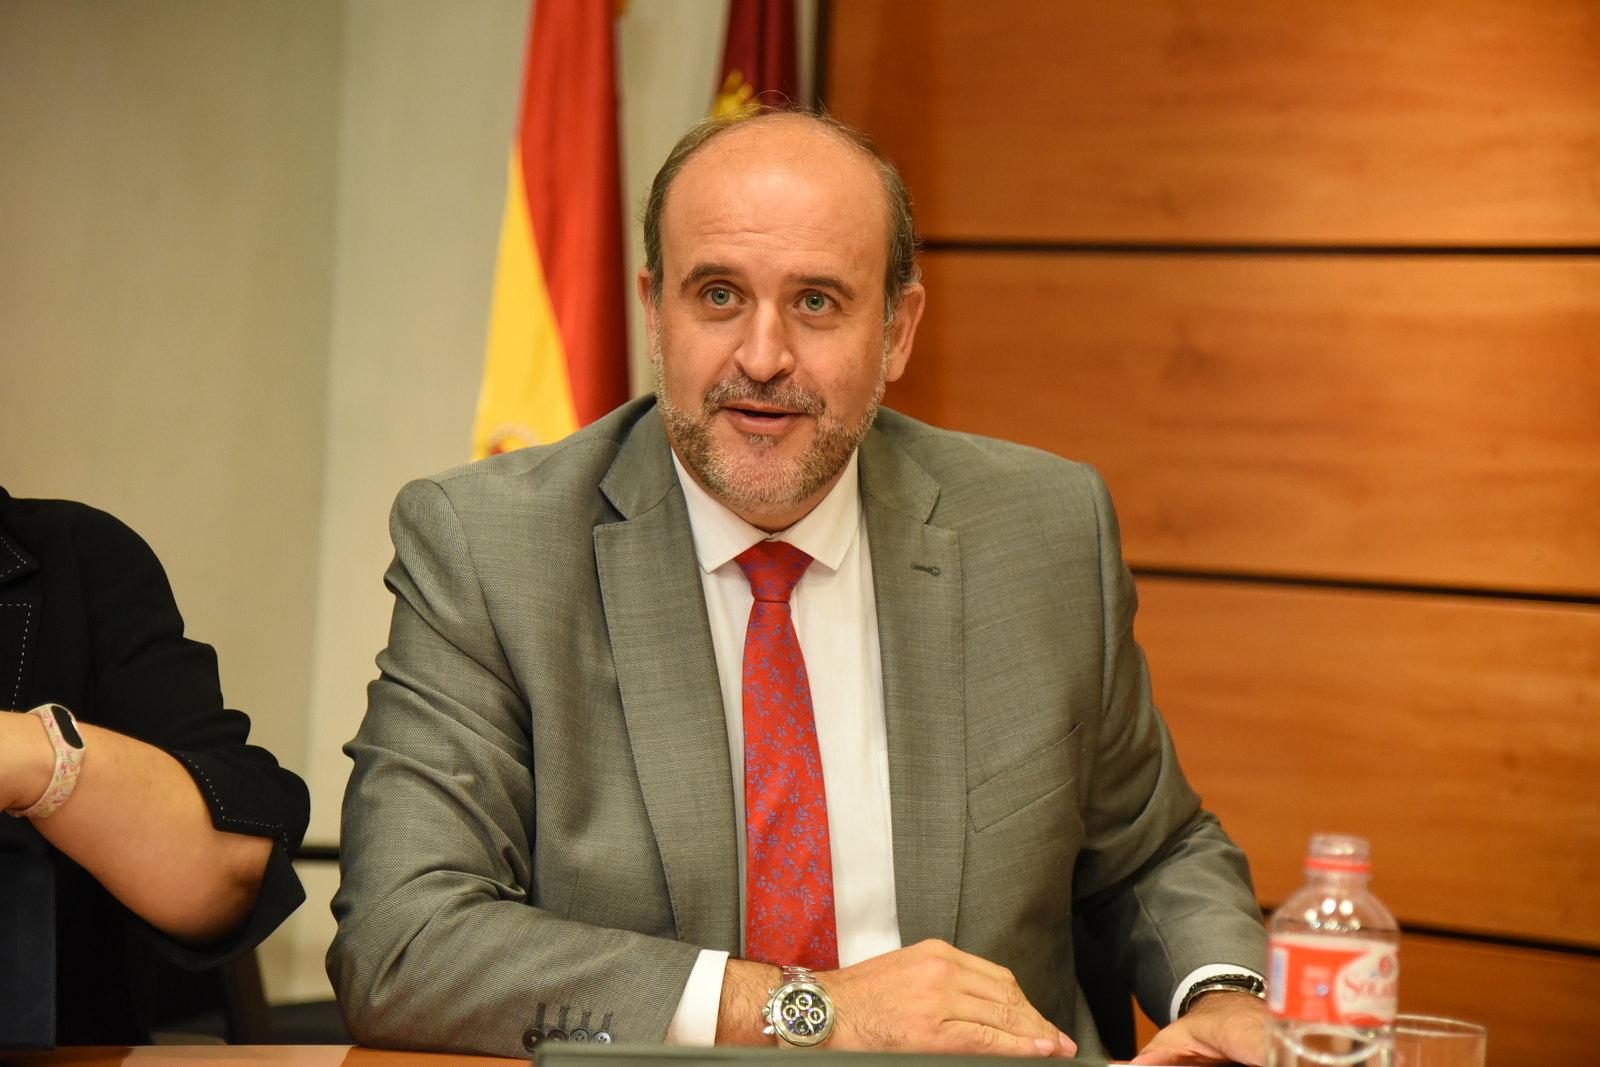 El vicepresidente de Castilla-La Mancha, José Luis Martínez Guijarro, comparece en la Comisión de Asuntos Generales de las Cortes de Castilla-La Mancha